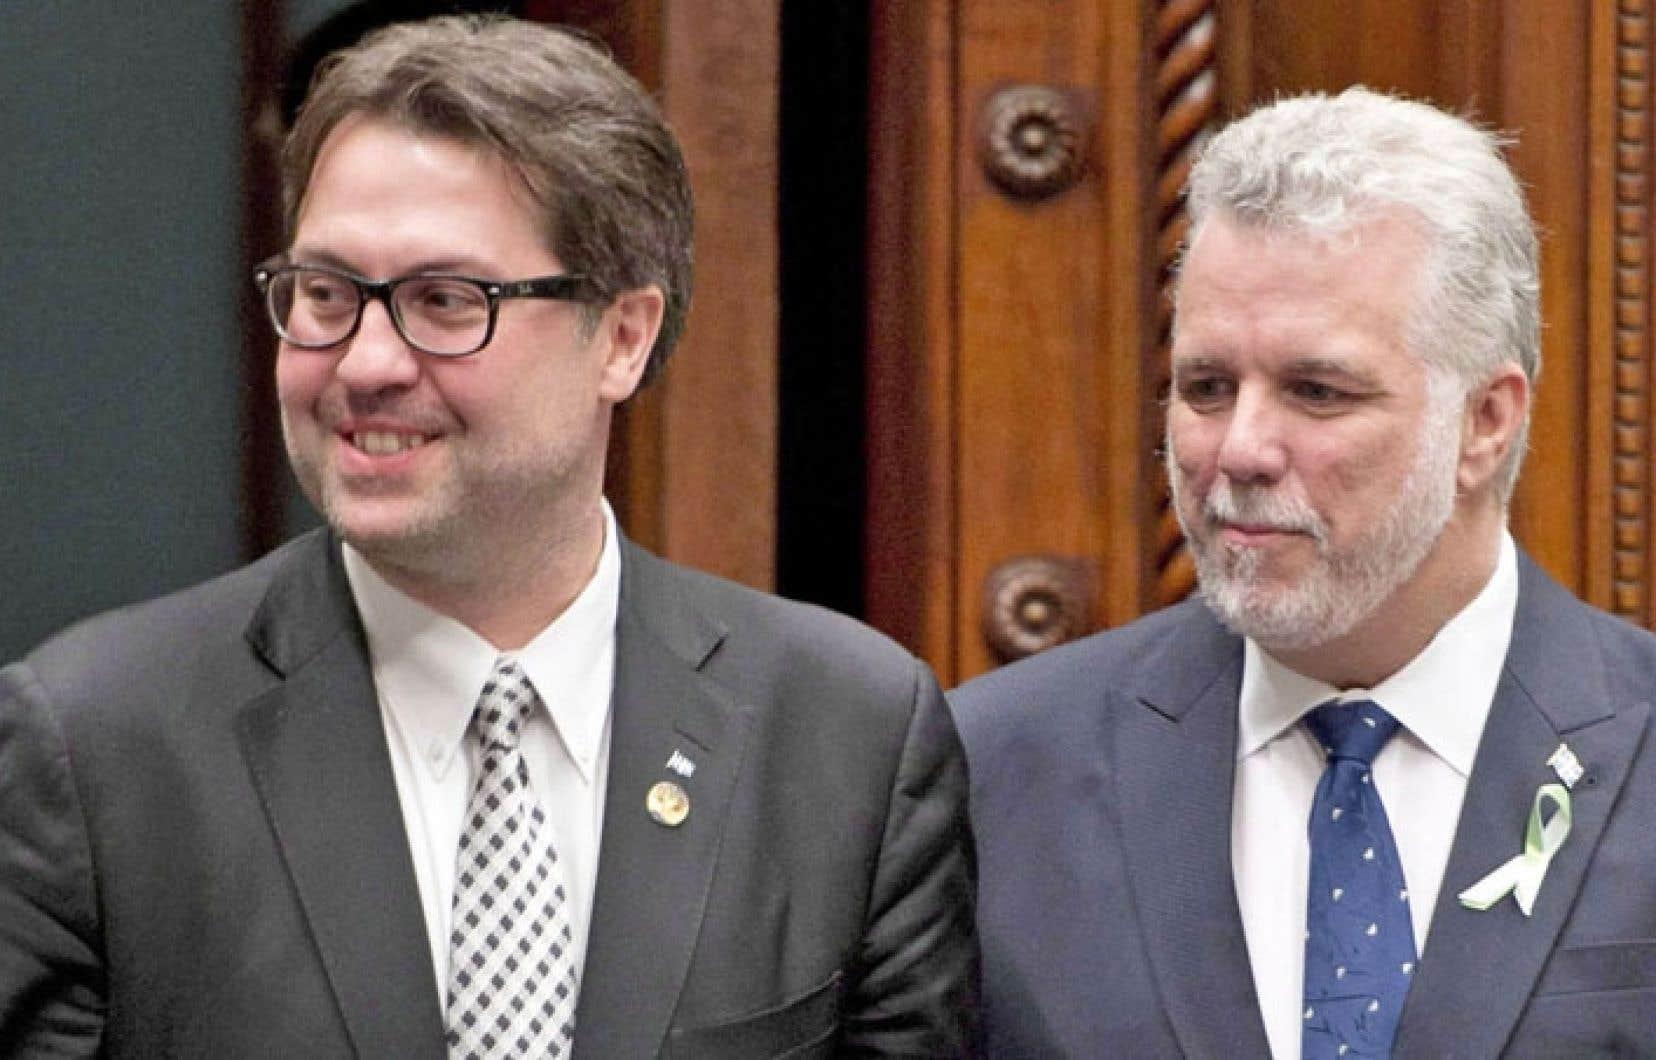 Le ministre québécois de l'Environnement, David Heurtel (à gauche), en compagnie du premier ministre Philippe Couillard